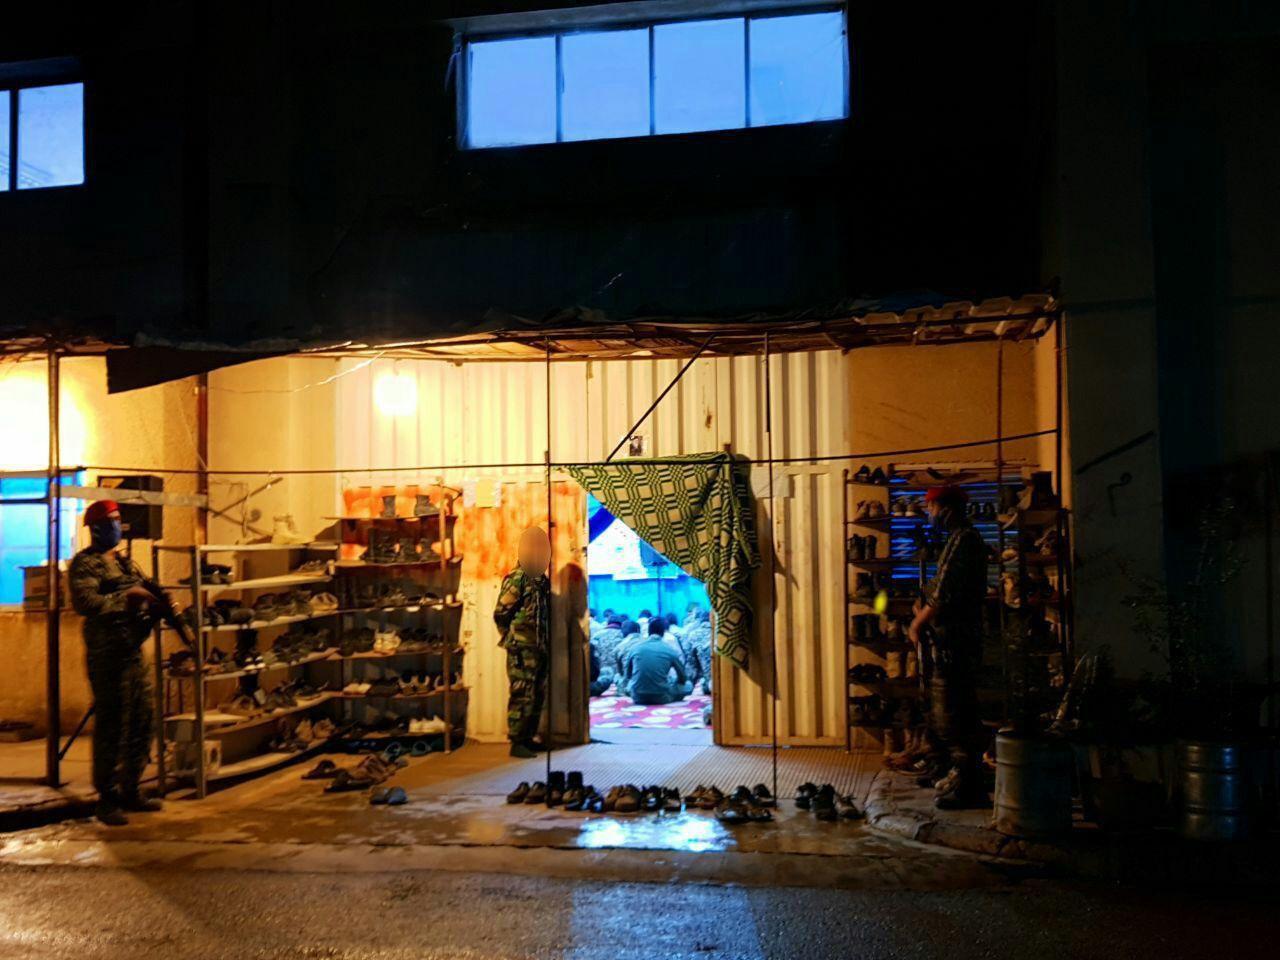 ایستگاه صلواتی رزمندگان «فاطمیون» در سوریه + تصاویر